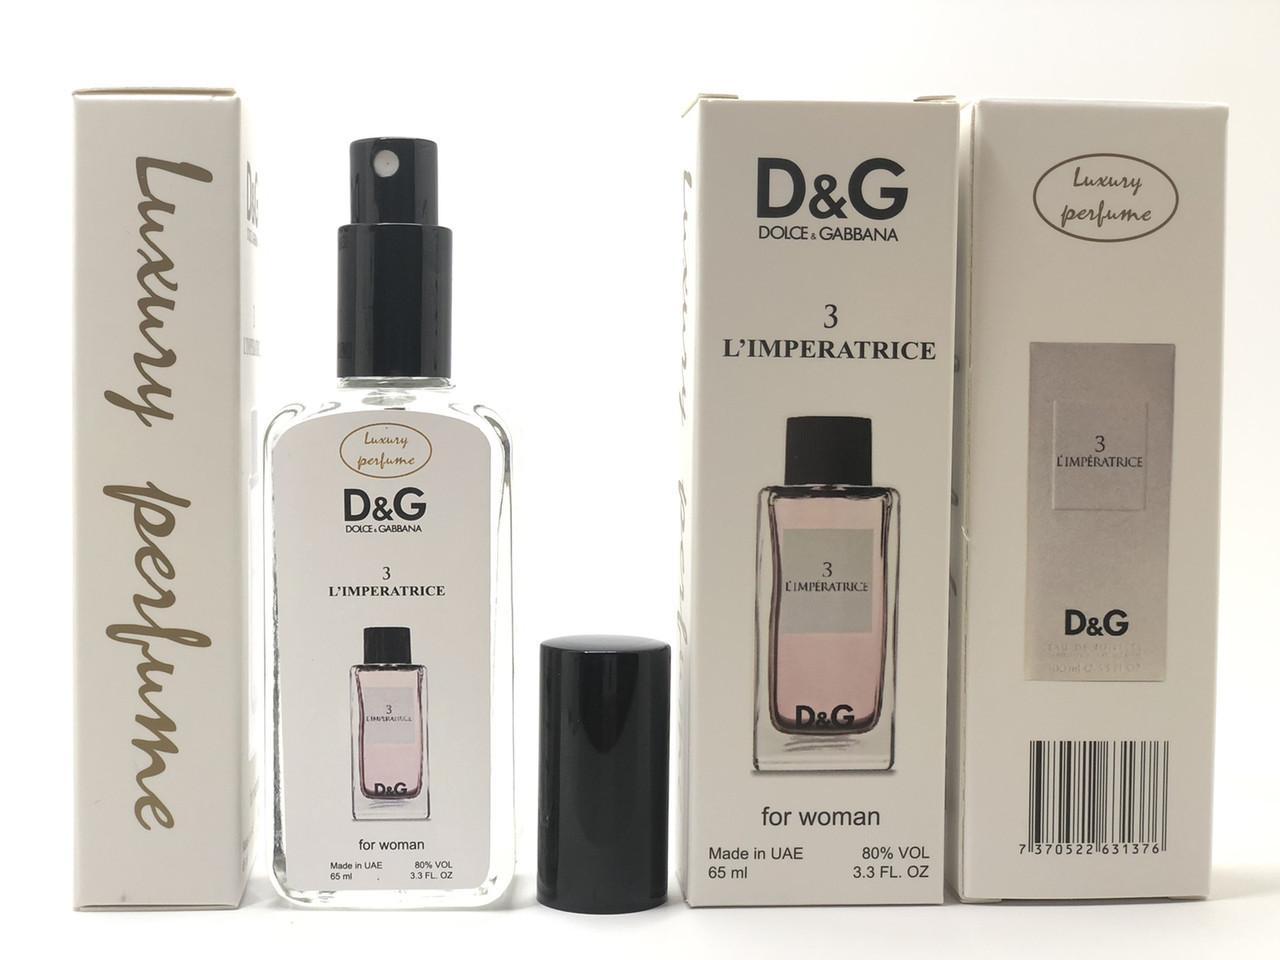 Женский парфюм Dolce & Gabbana L'Imperatrice №3 тестер 65 ml ОАЭ Luxure Perfume (реплика)